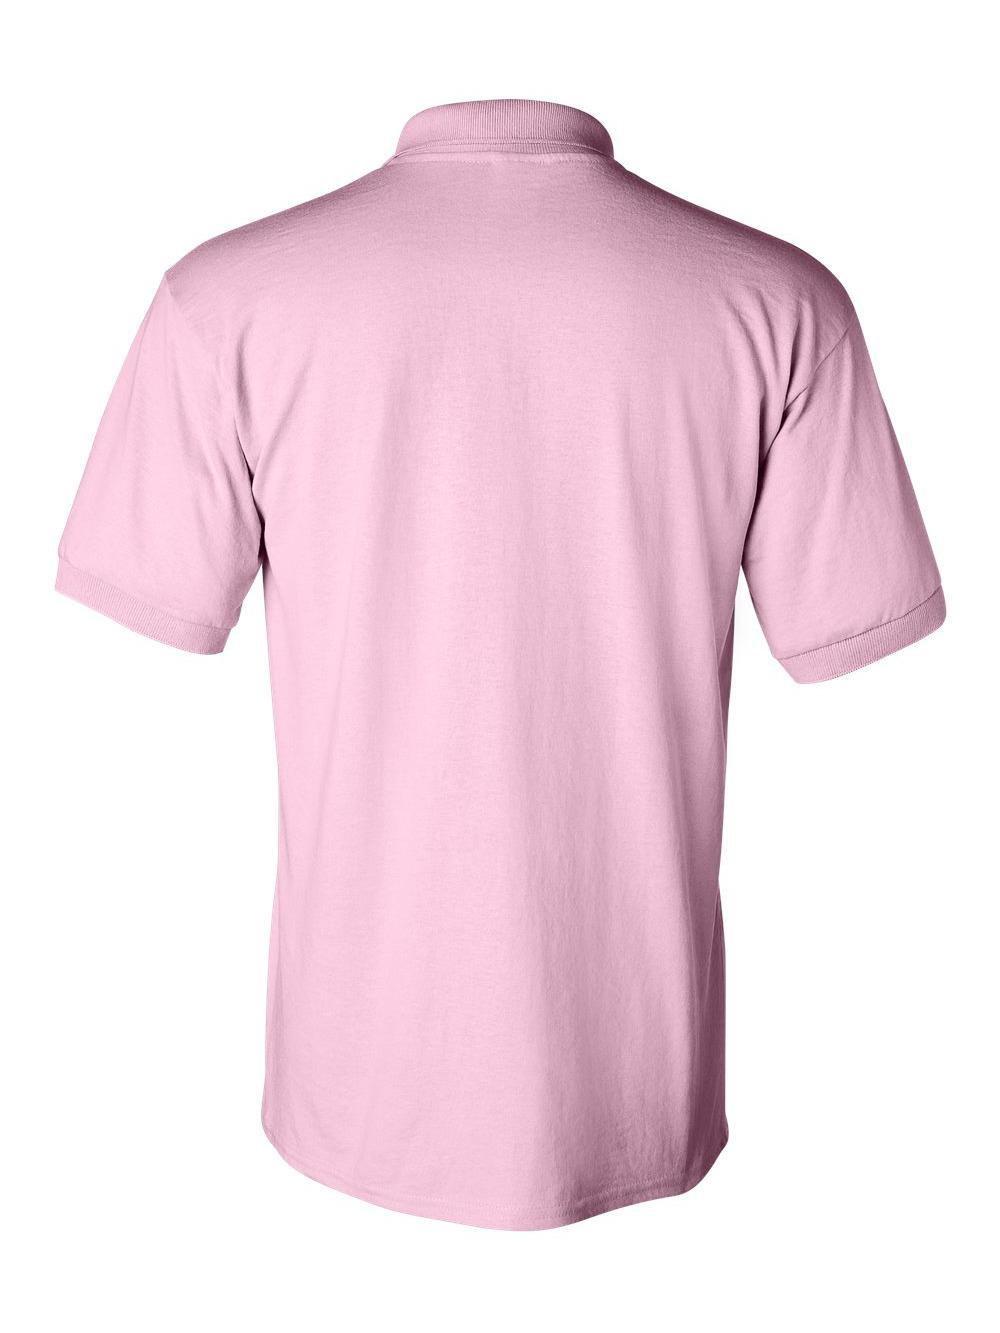 Gildan-DryBlend-Jersey-Sport-Shirt-8800 thumbnail 40